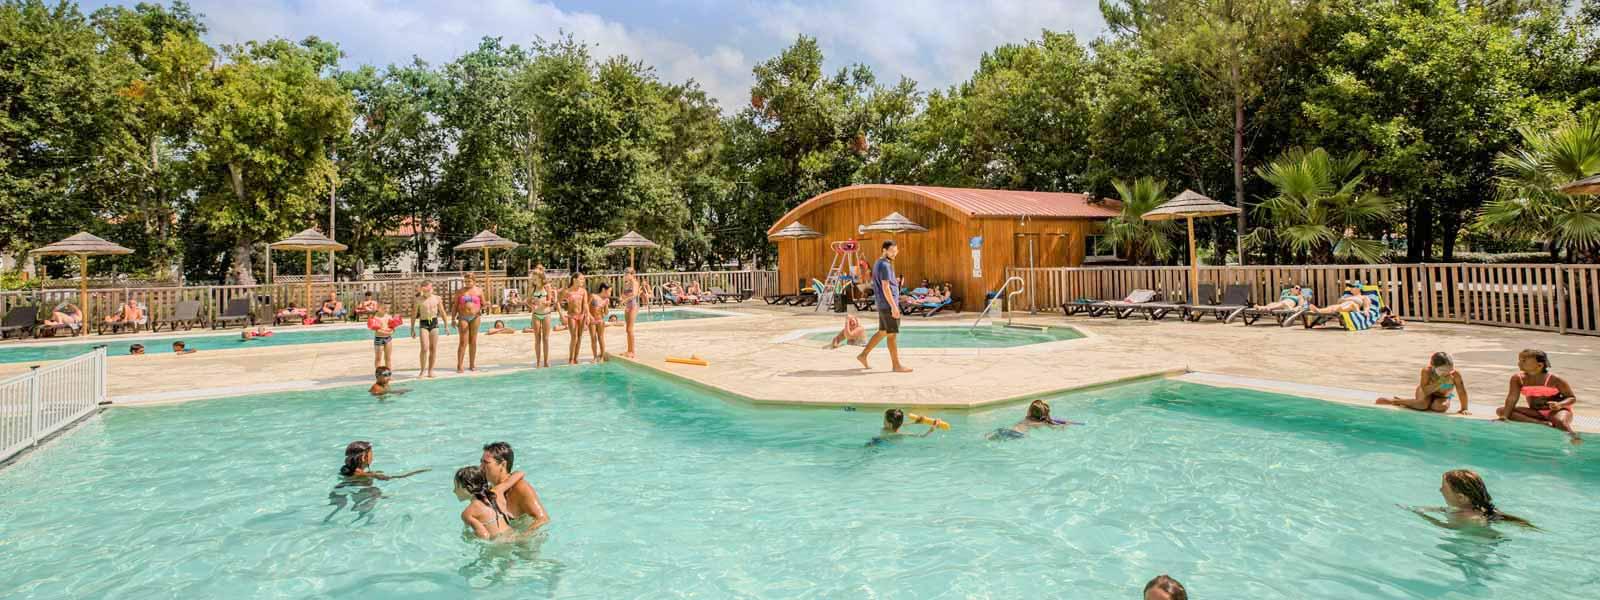 camping avec piscine en bord de mer dans les Landes